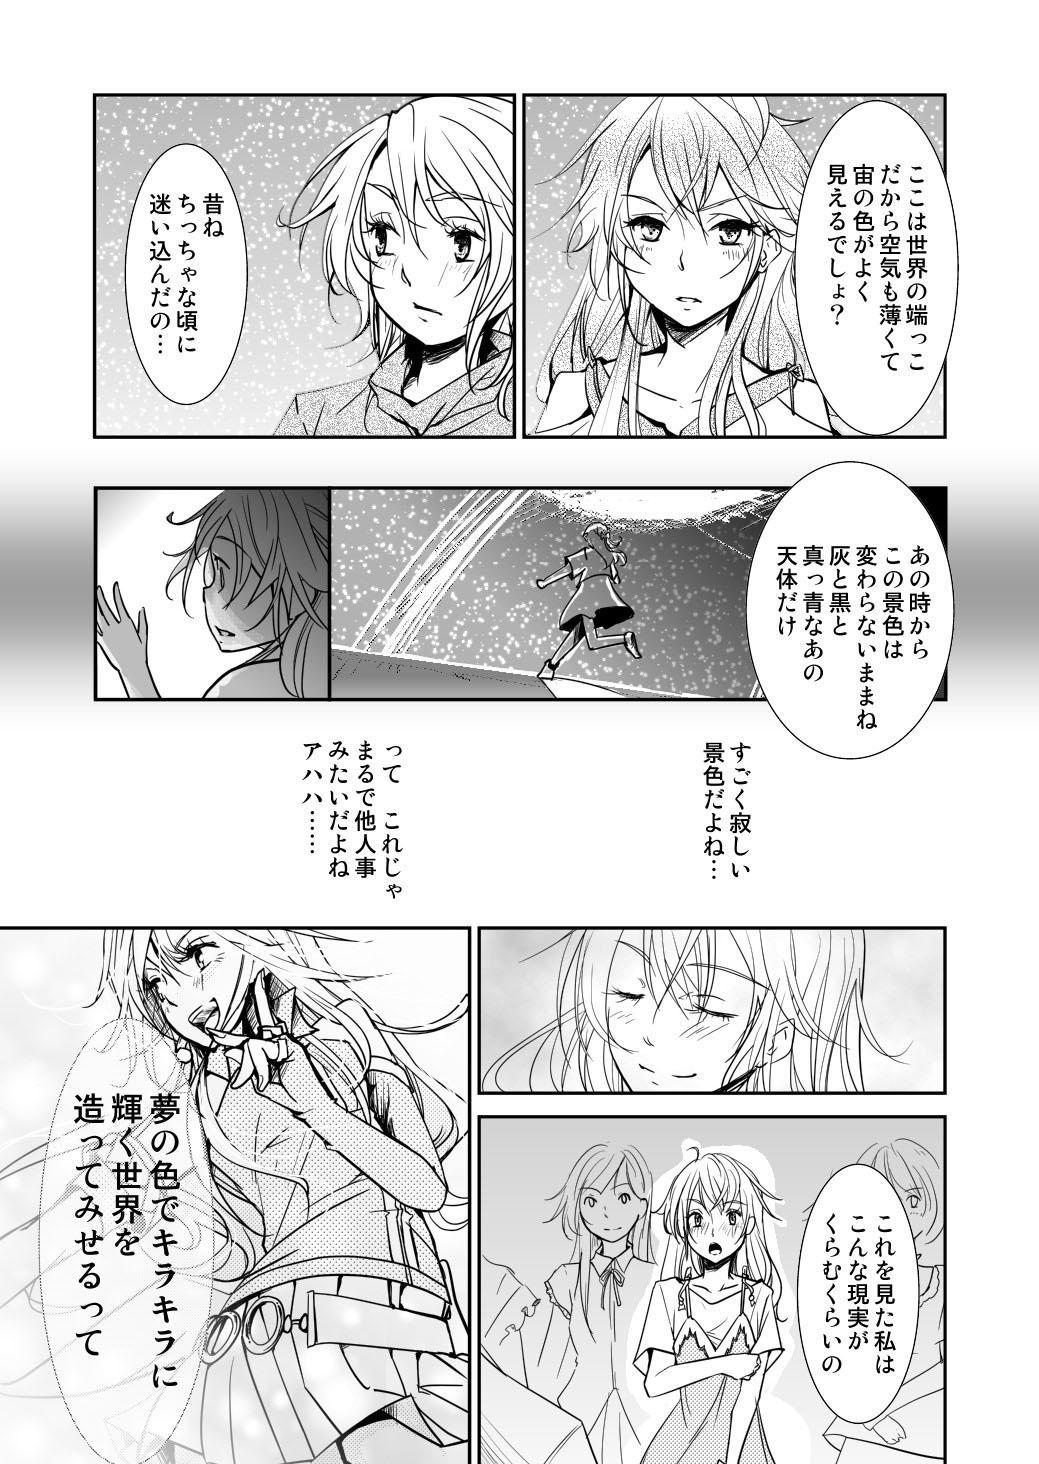 Yakusoku no Sora to Kimigaita Basho 1 ~ 2 16